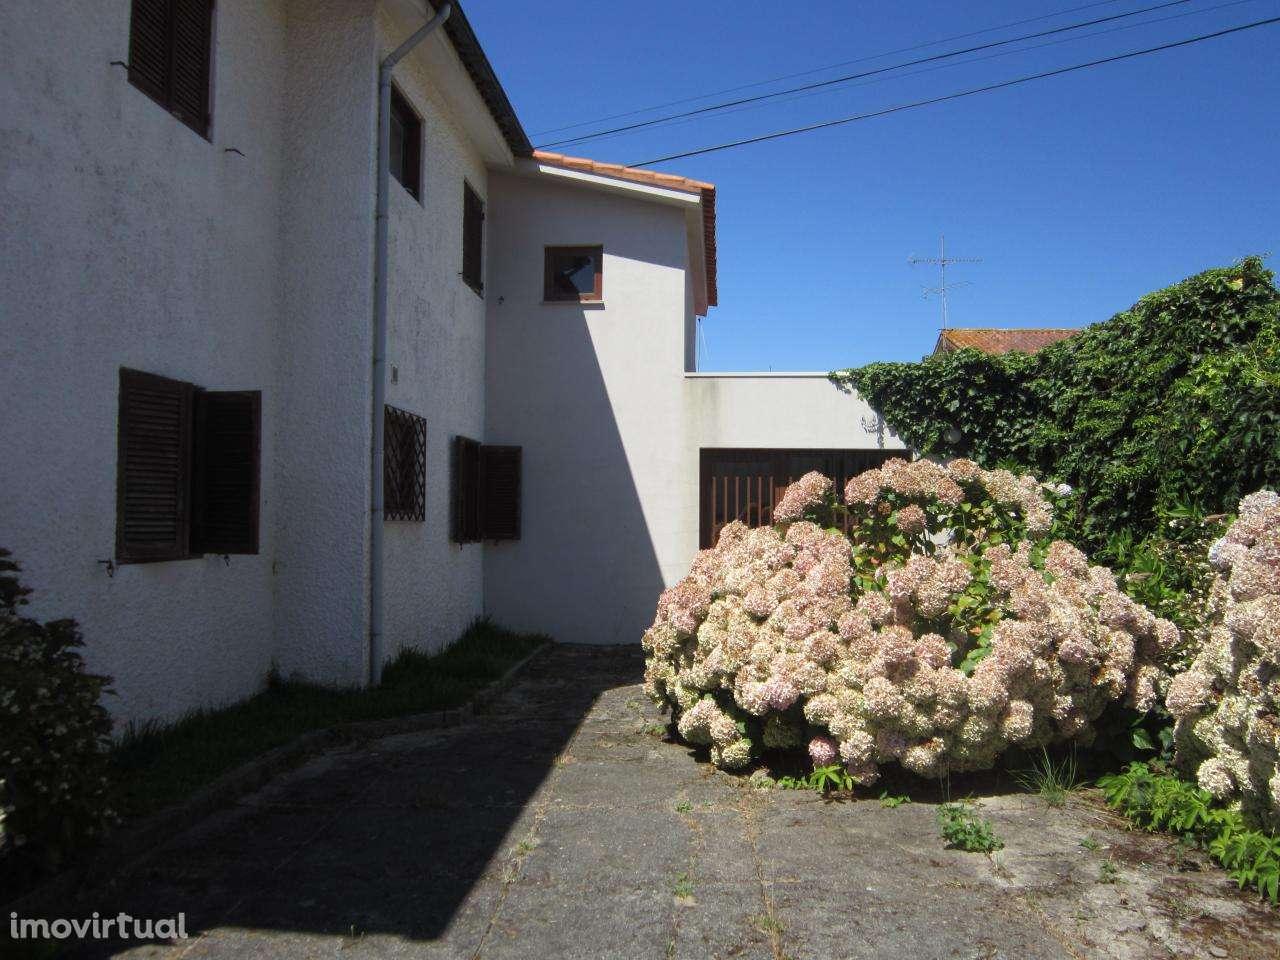 Moradia para comprar, Esposende, Marinhas e Gandra, Esposende, Braga - Foto 26